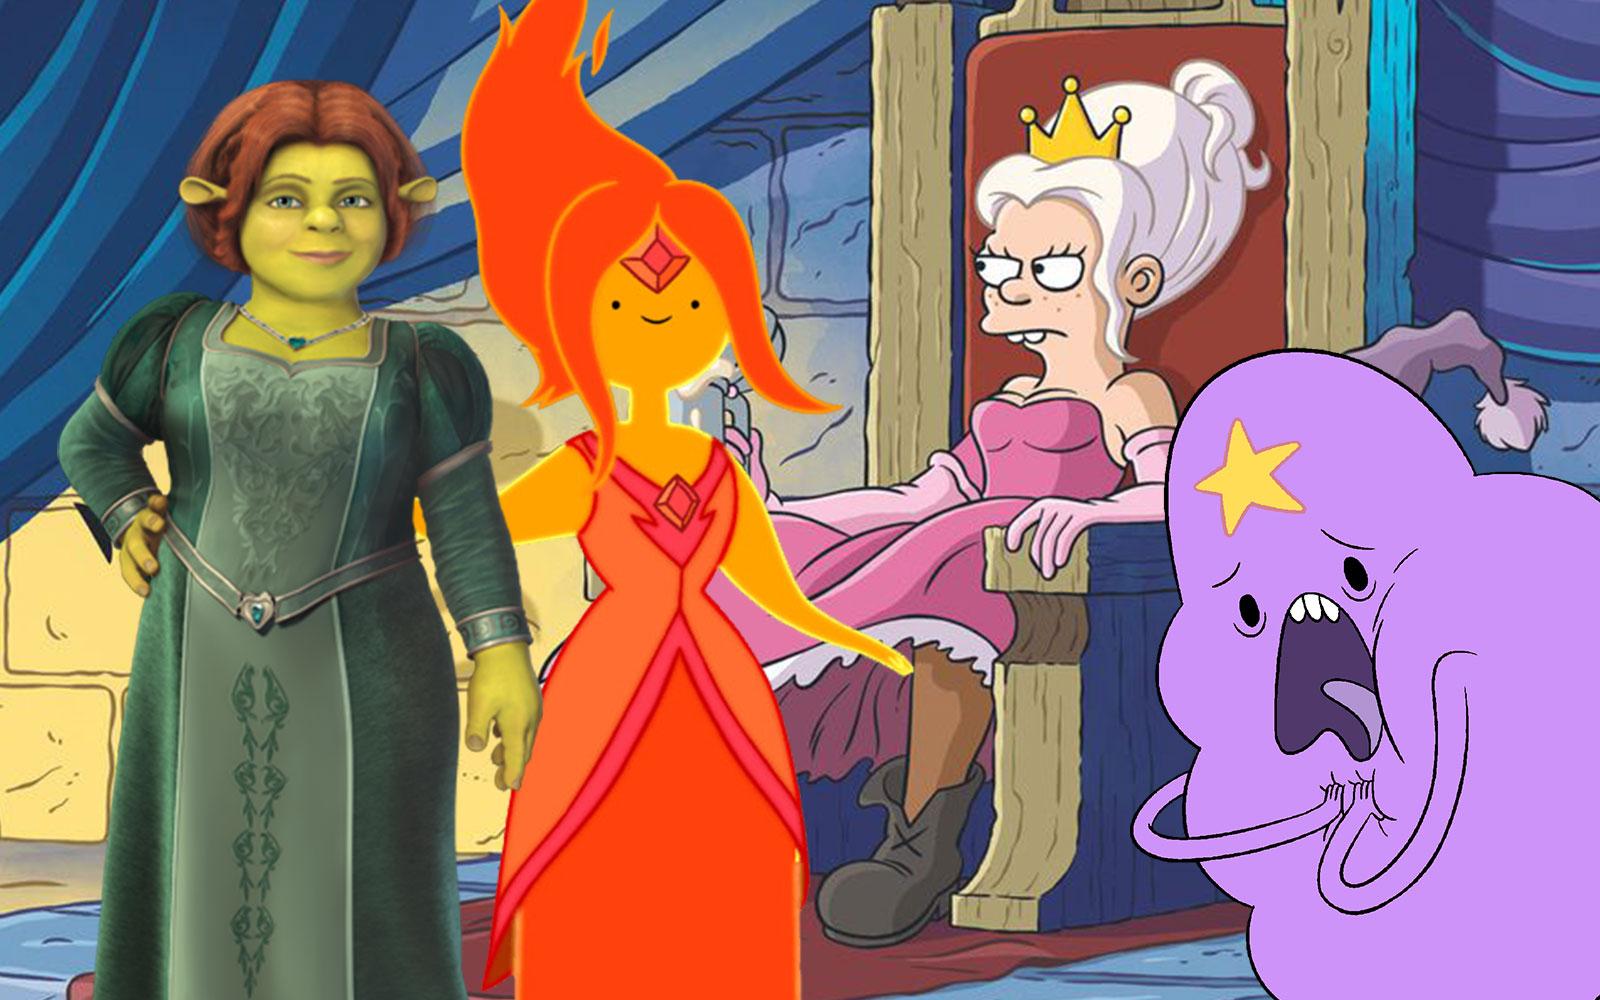 Królewny w fantastyce – redakcyjny przegląd najciekawszych bohaterek